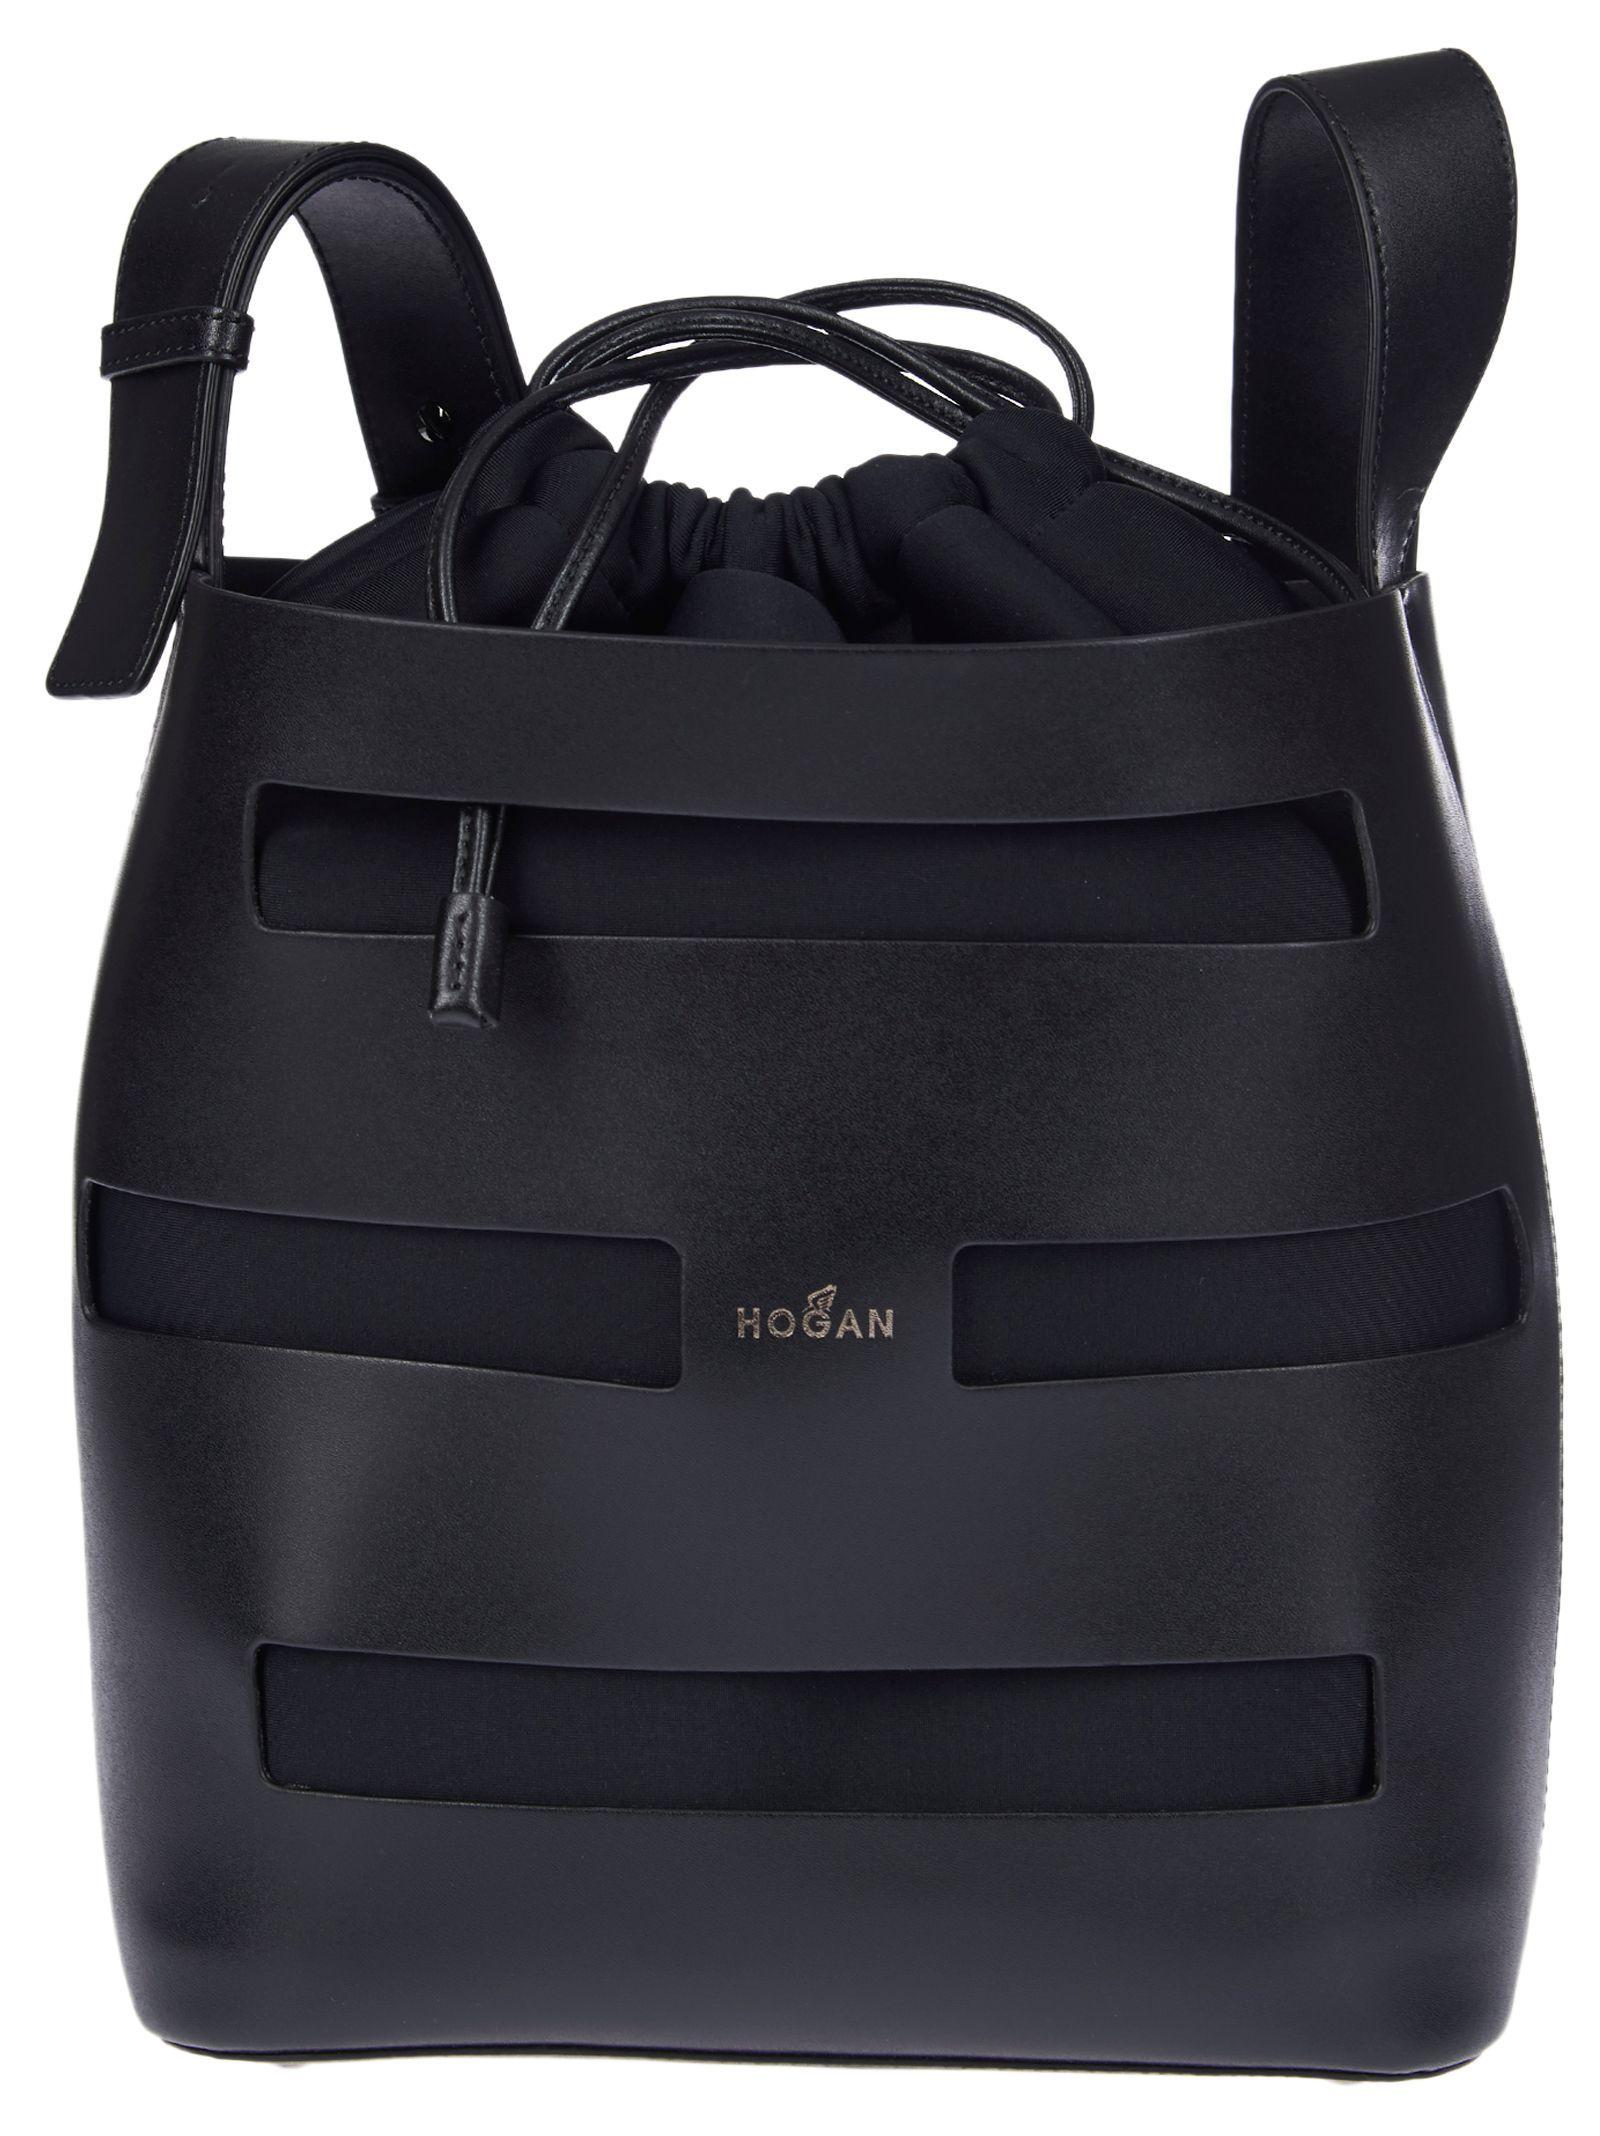 HOGAN WOMEN'S KBW015K1300LLCB999 BLACK LEATHER SHOULDER BAG